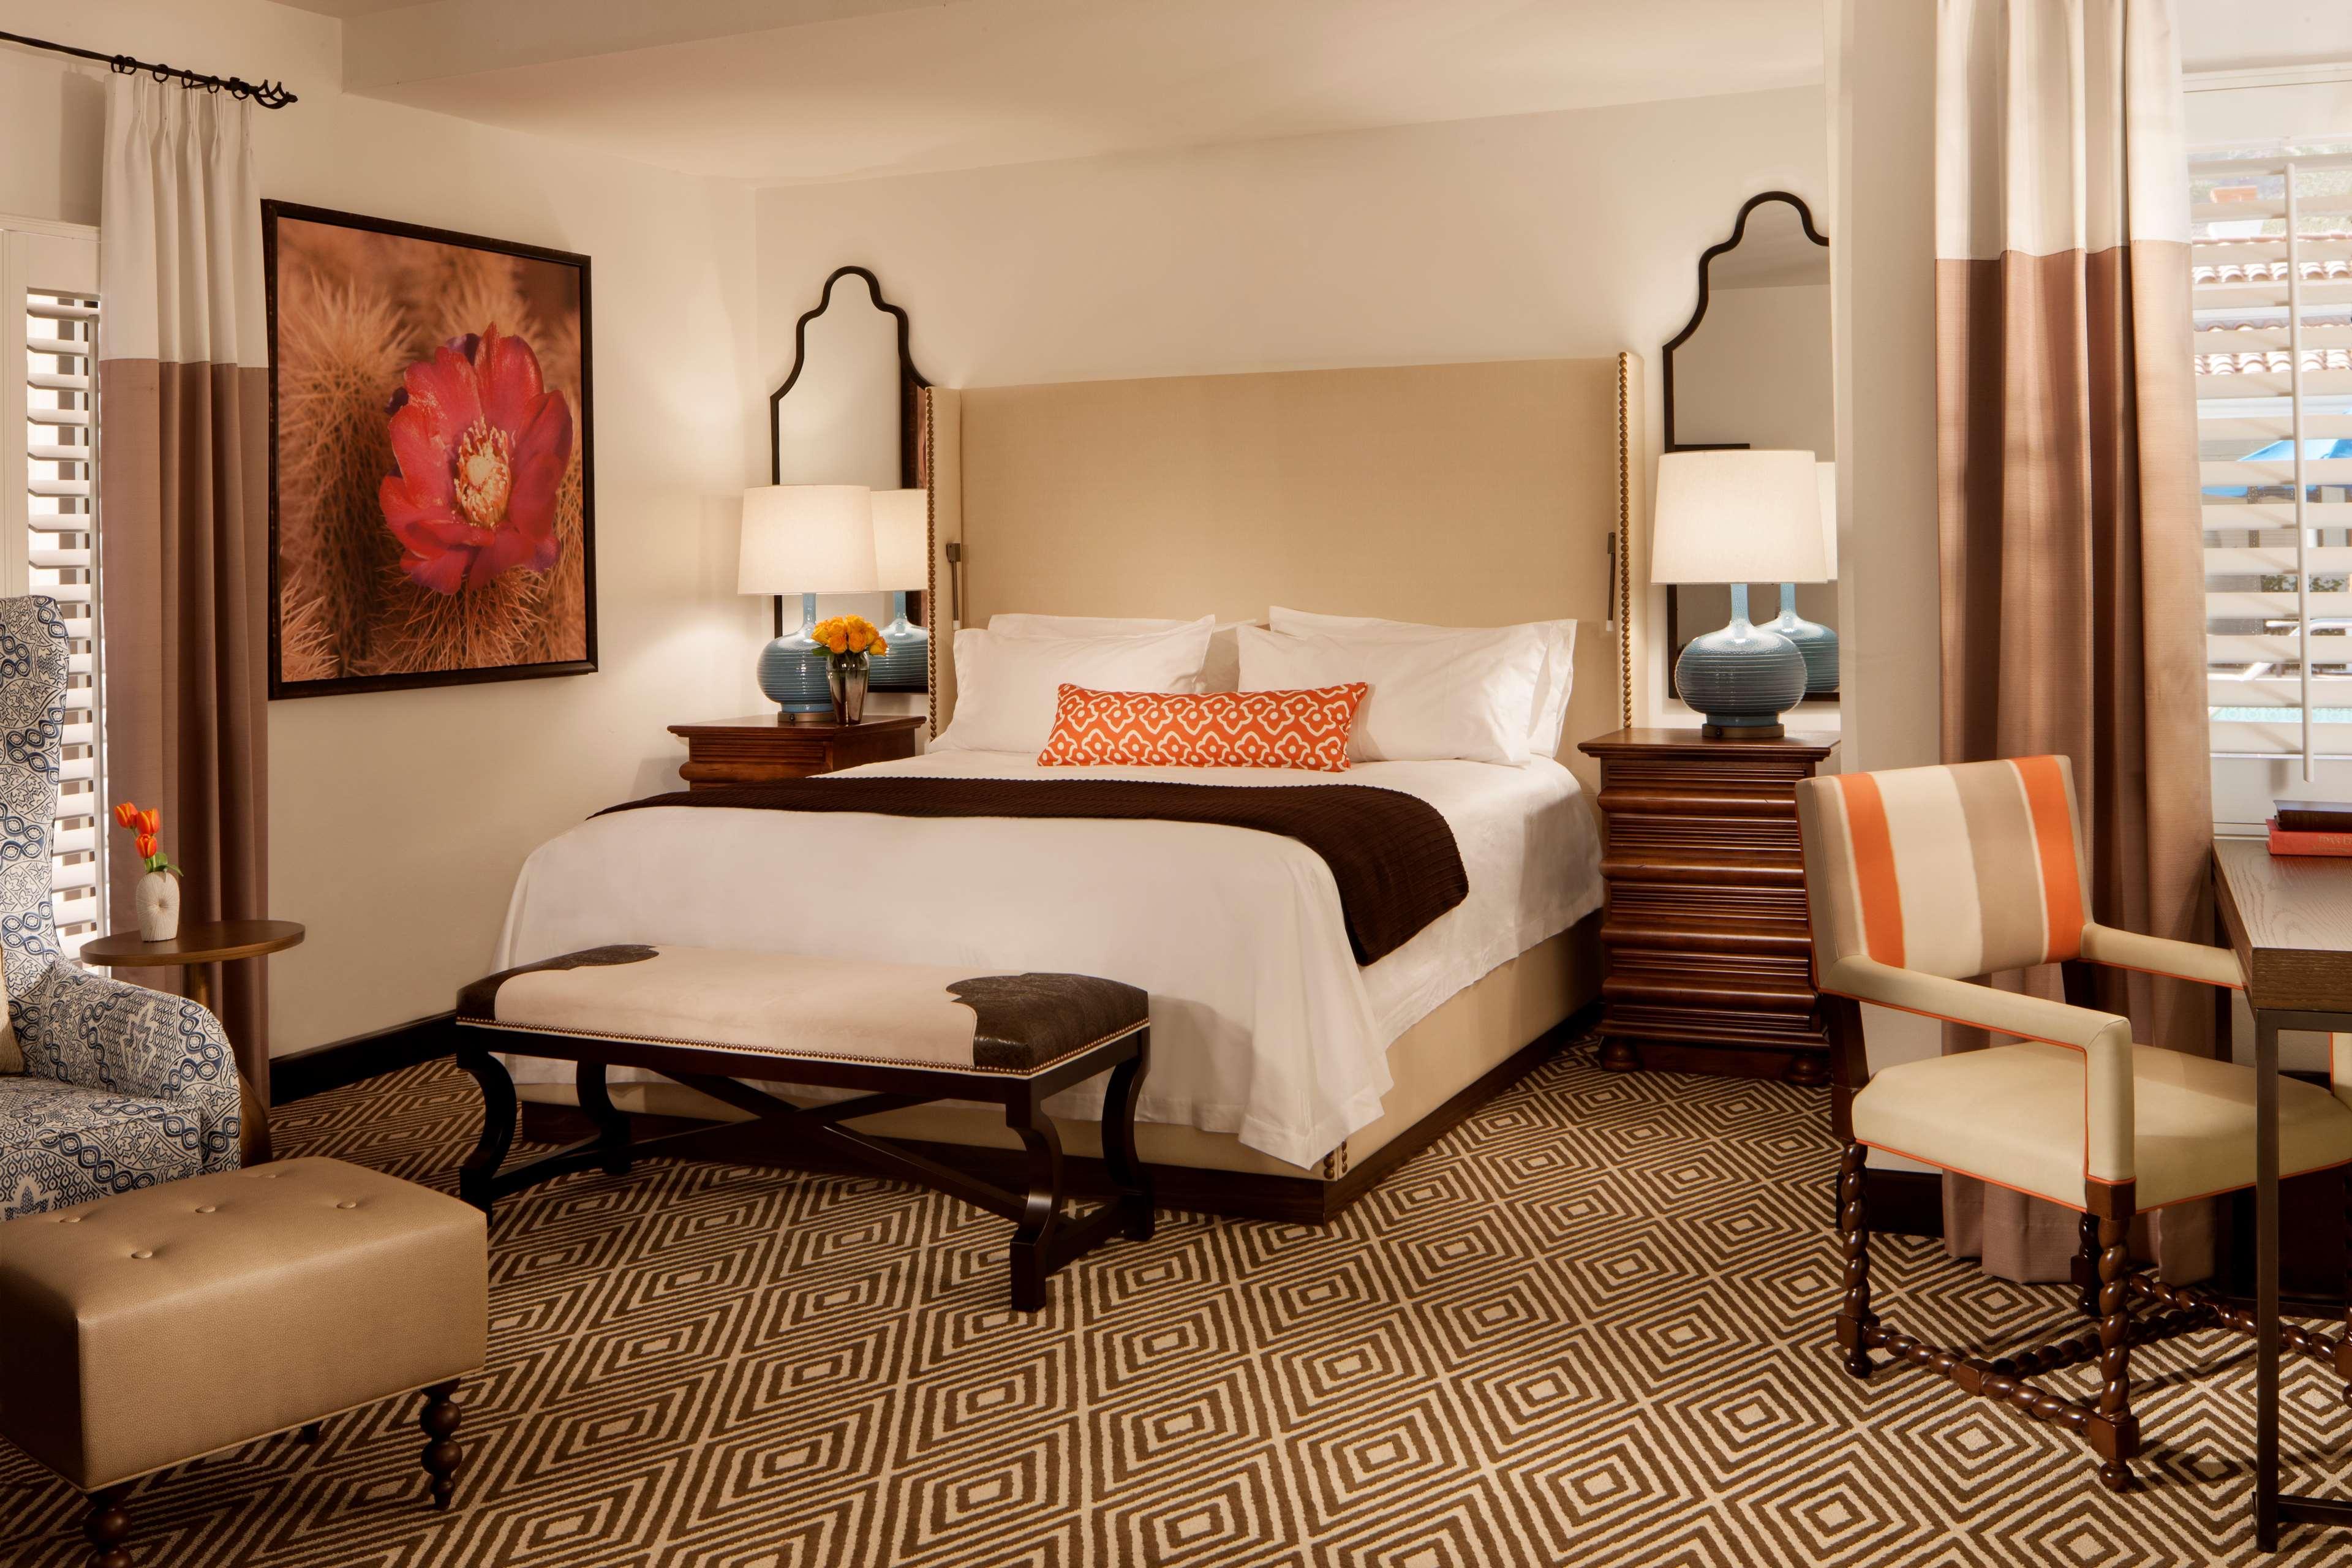 La Quinta Resort & Club, A Waldorf Astoria Resort image 37